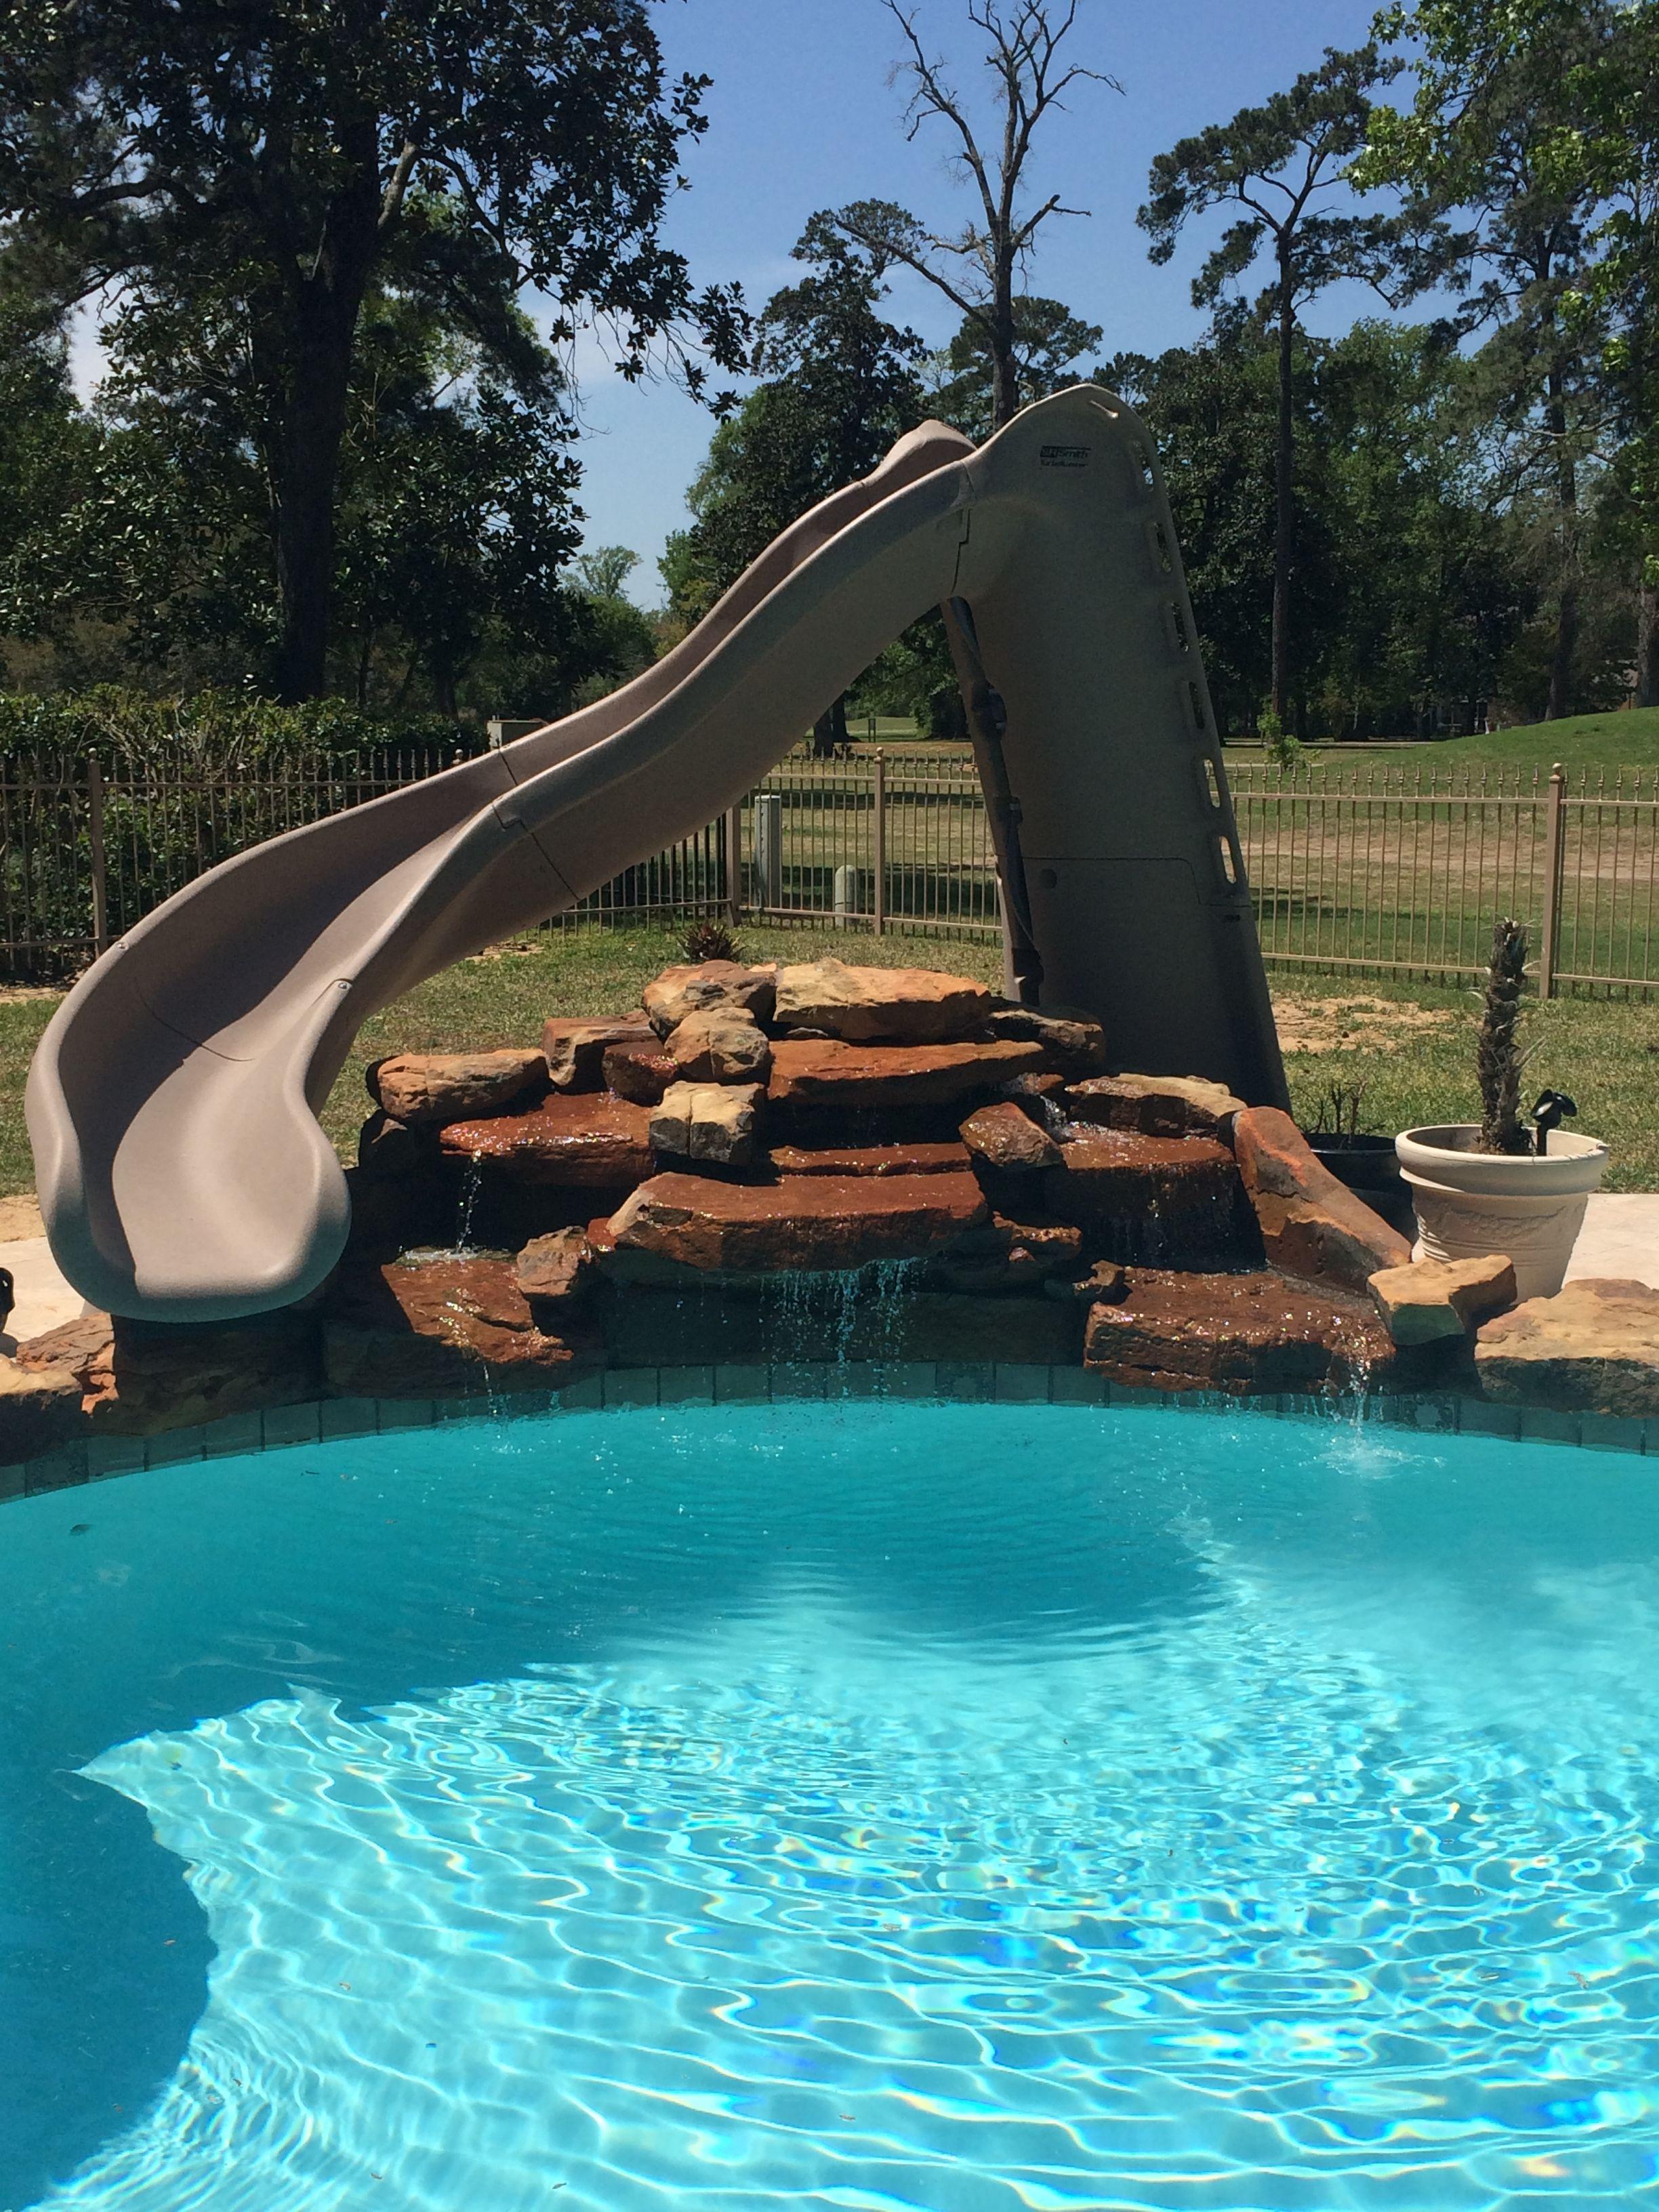 Inground Swimming Pool Turbo Twister Slide Rock Waterfall